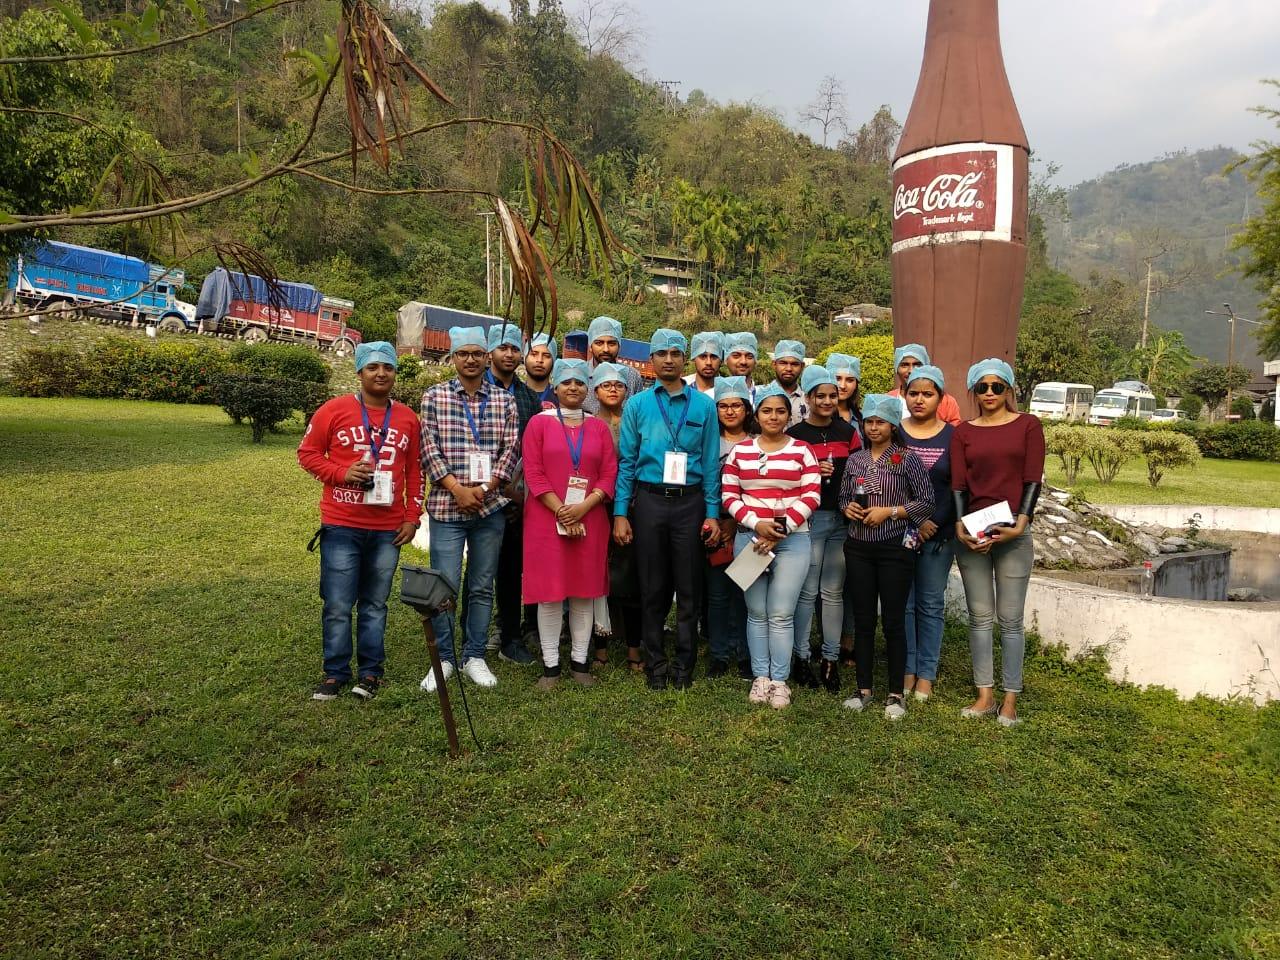 BHUTAN TRIP:STUDENTS VISITED COCA COLA UNIT